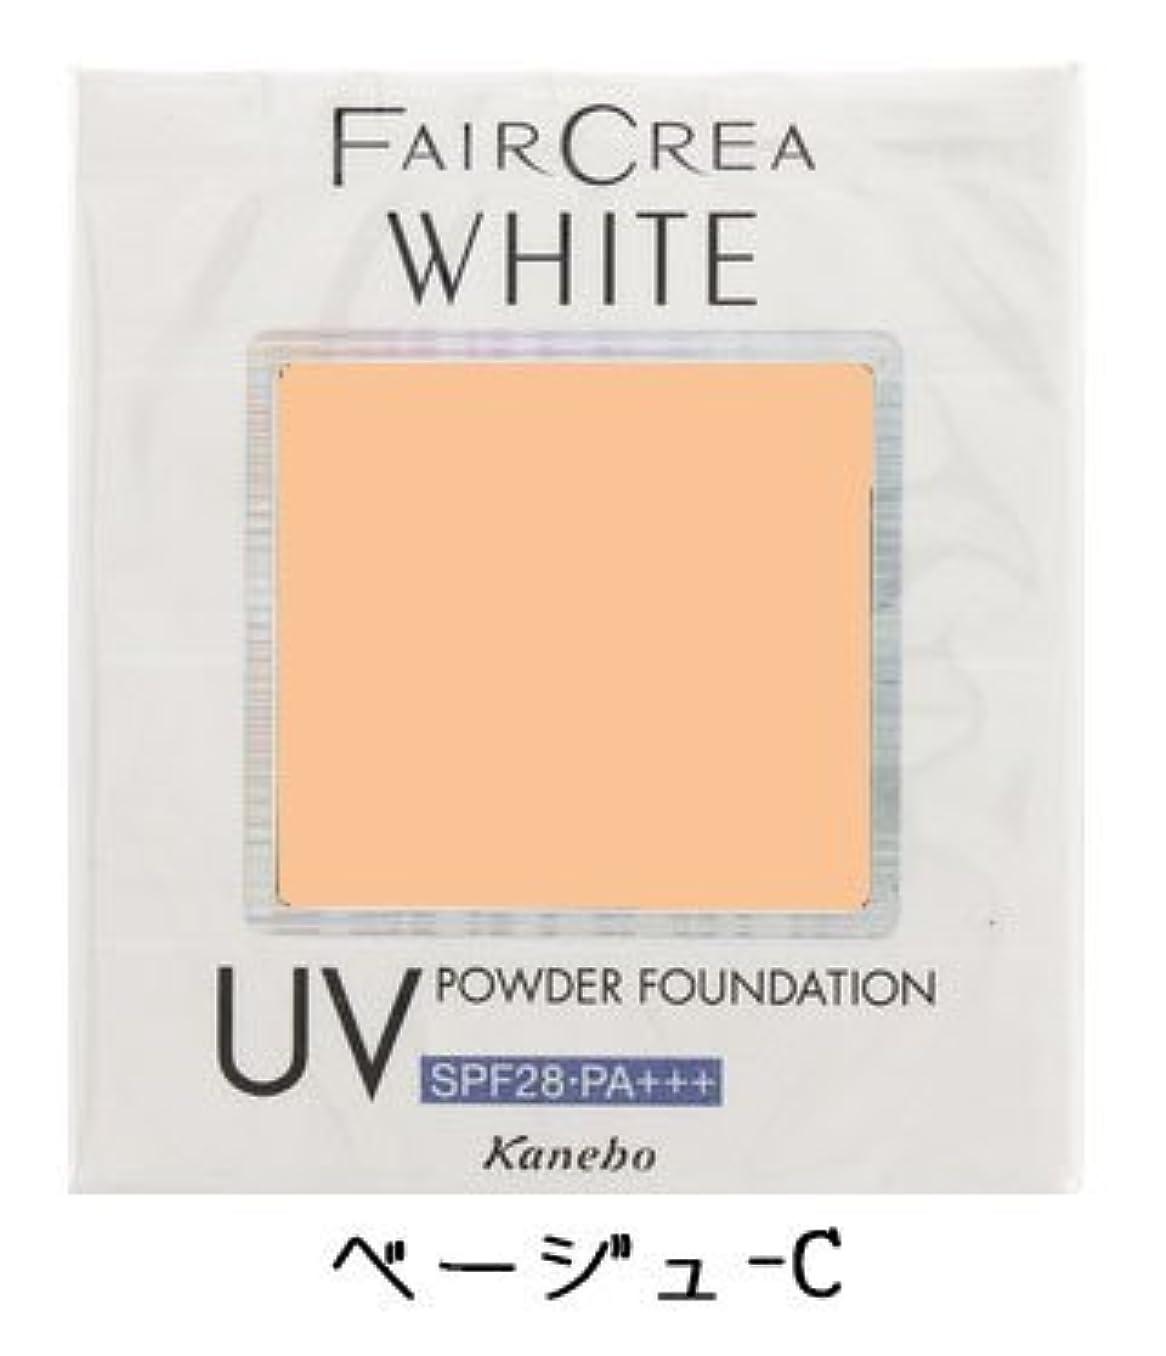 感性ナンセンス関連するカネボウ フェアクレア ホワイトUVパウダーファンデーション《10g》<カラー:ベージュC>